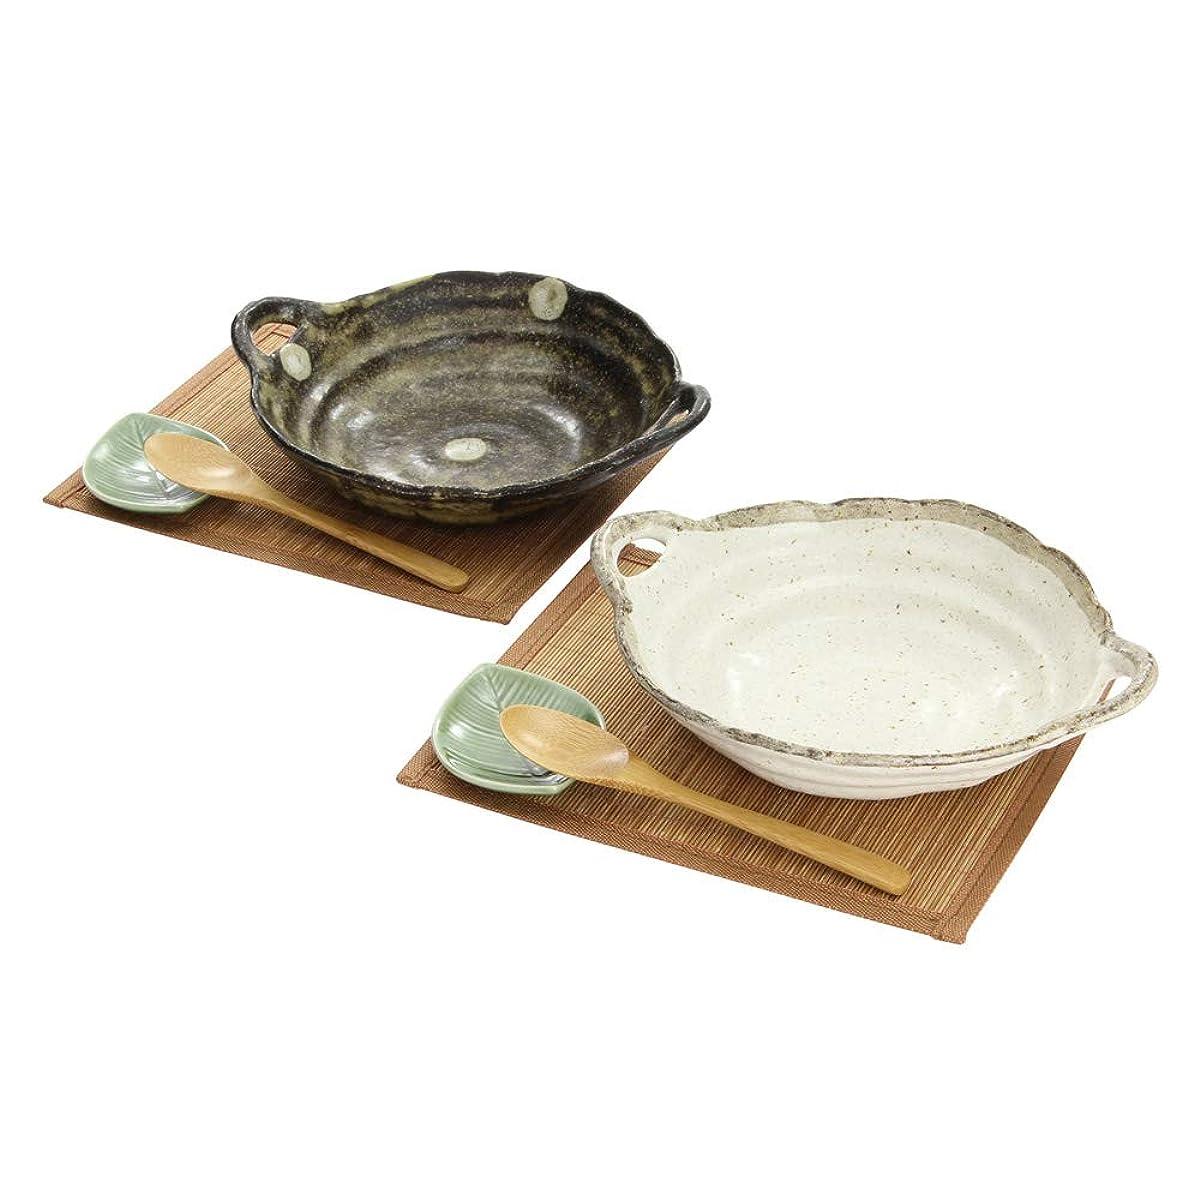 言い訳納屋薄いシチュー&カレー皿 2セット スプーン 小皿 ランチョンマット付き ナチュラルスタイル ほんぢ園